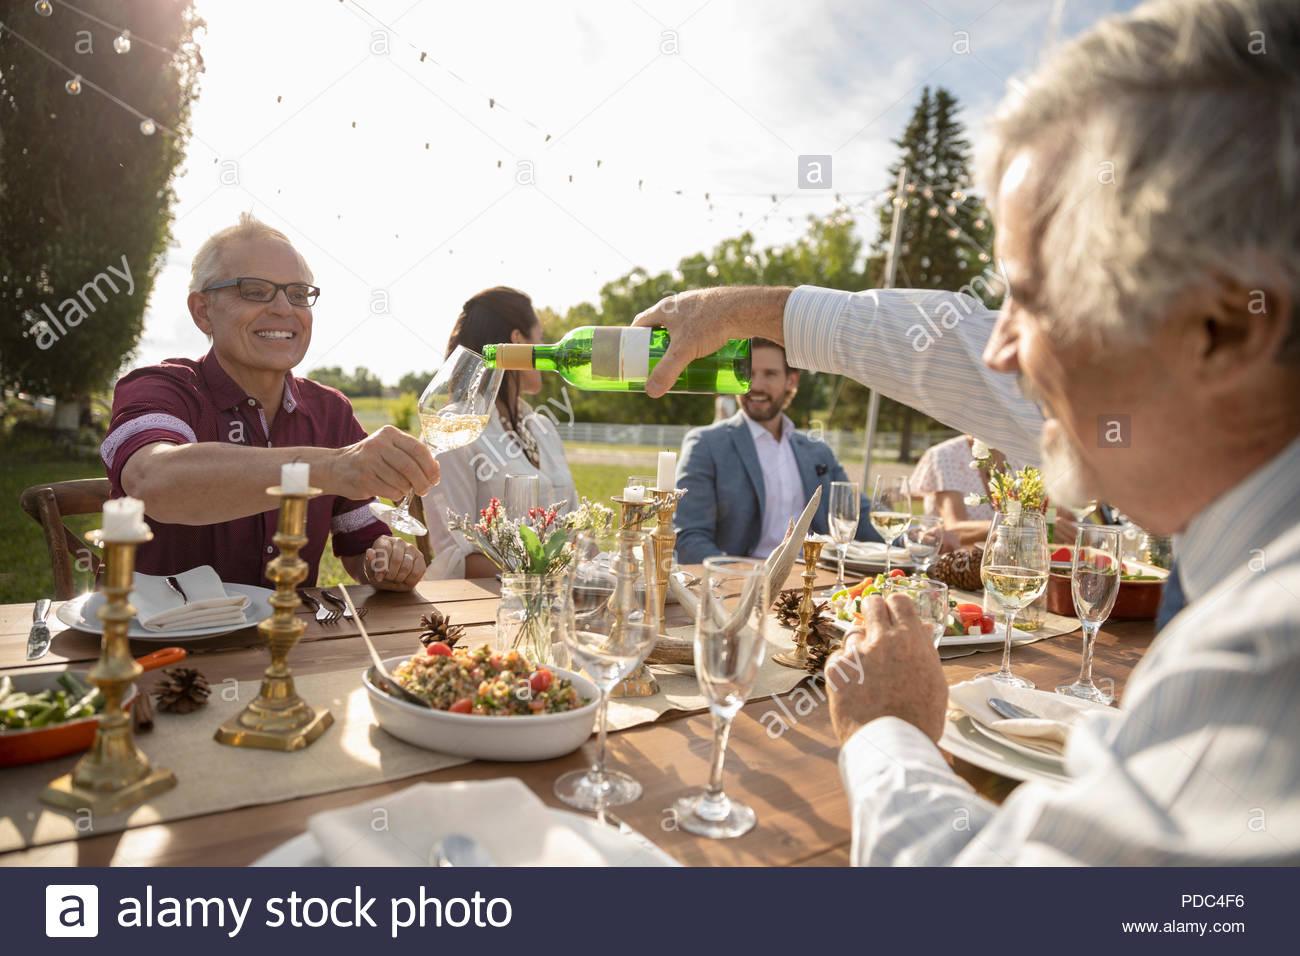 L'uomo versando il vino per amico al ricevimento di nozze tavolo pranzo Immagini Stock